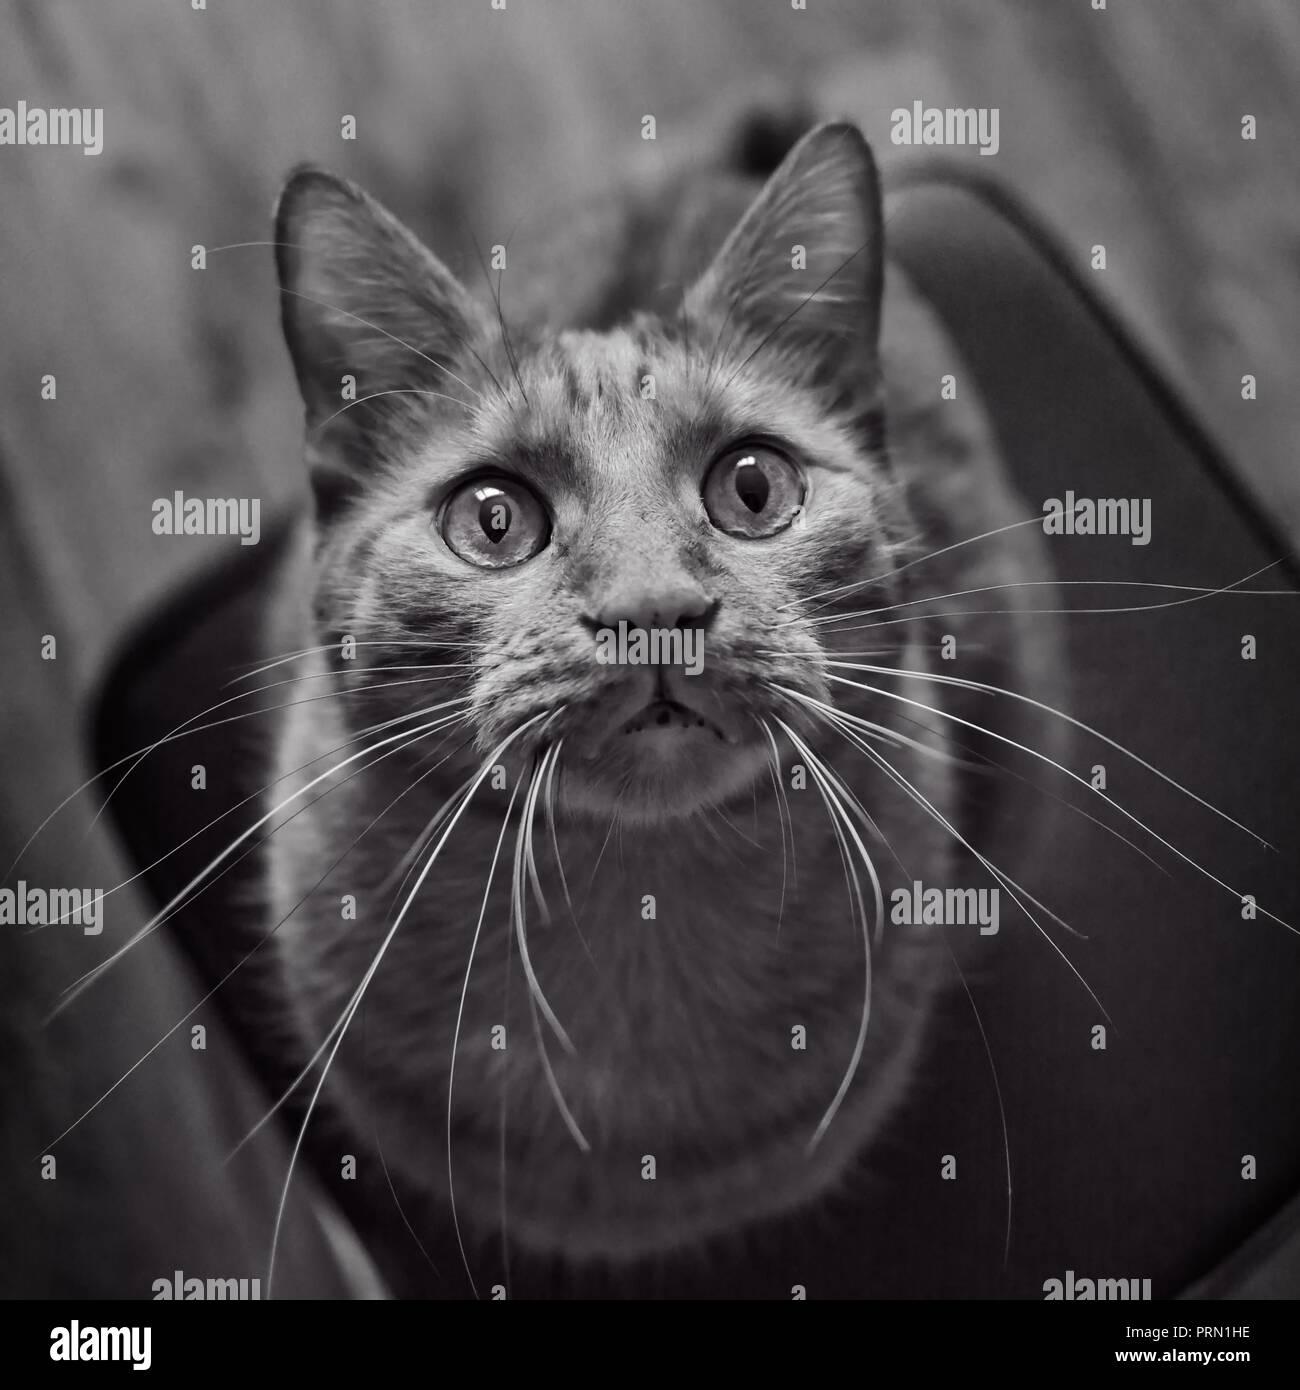 Carino tabby cat cercando curiosi fino alla telecamera. Ritratto in bianco e nero. Immagini Stock